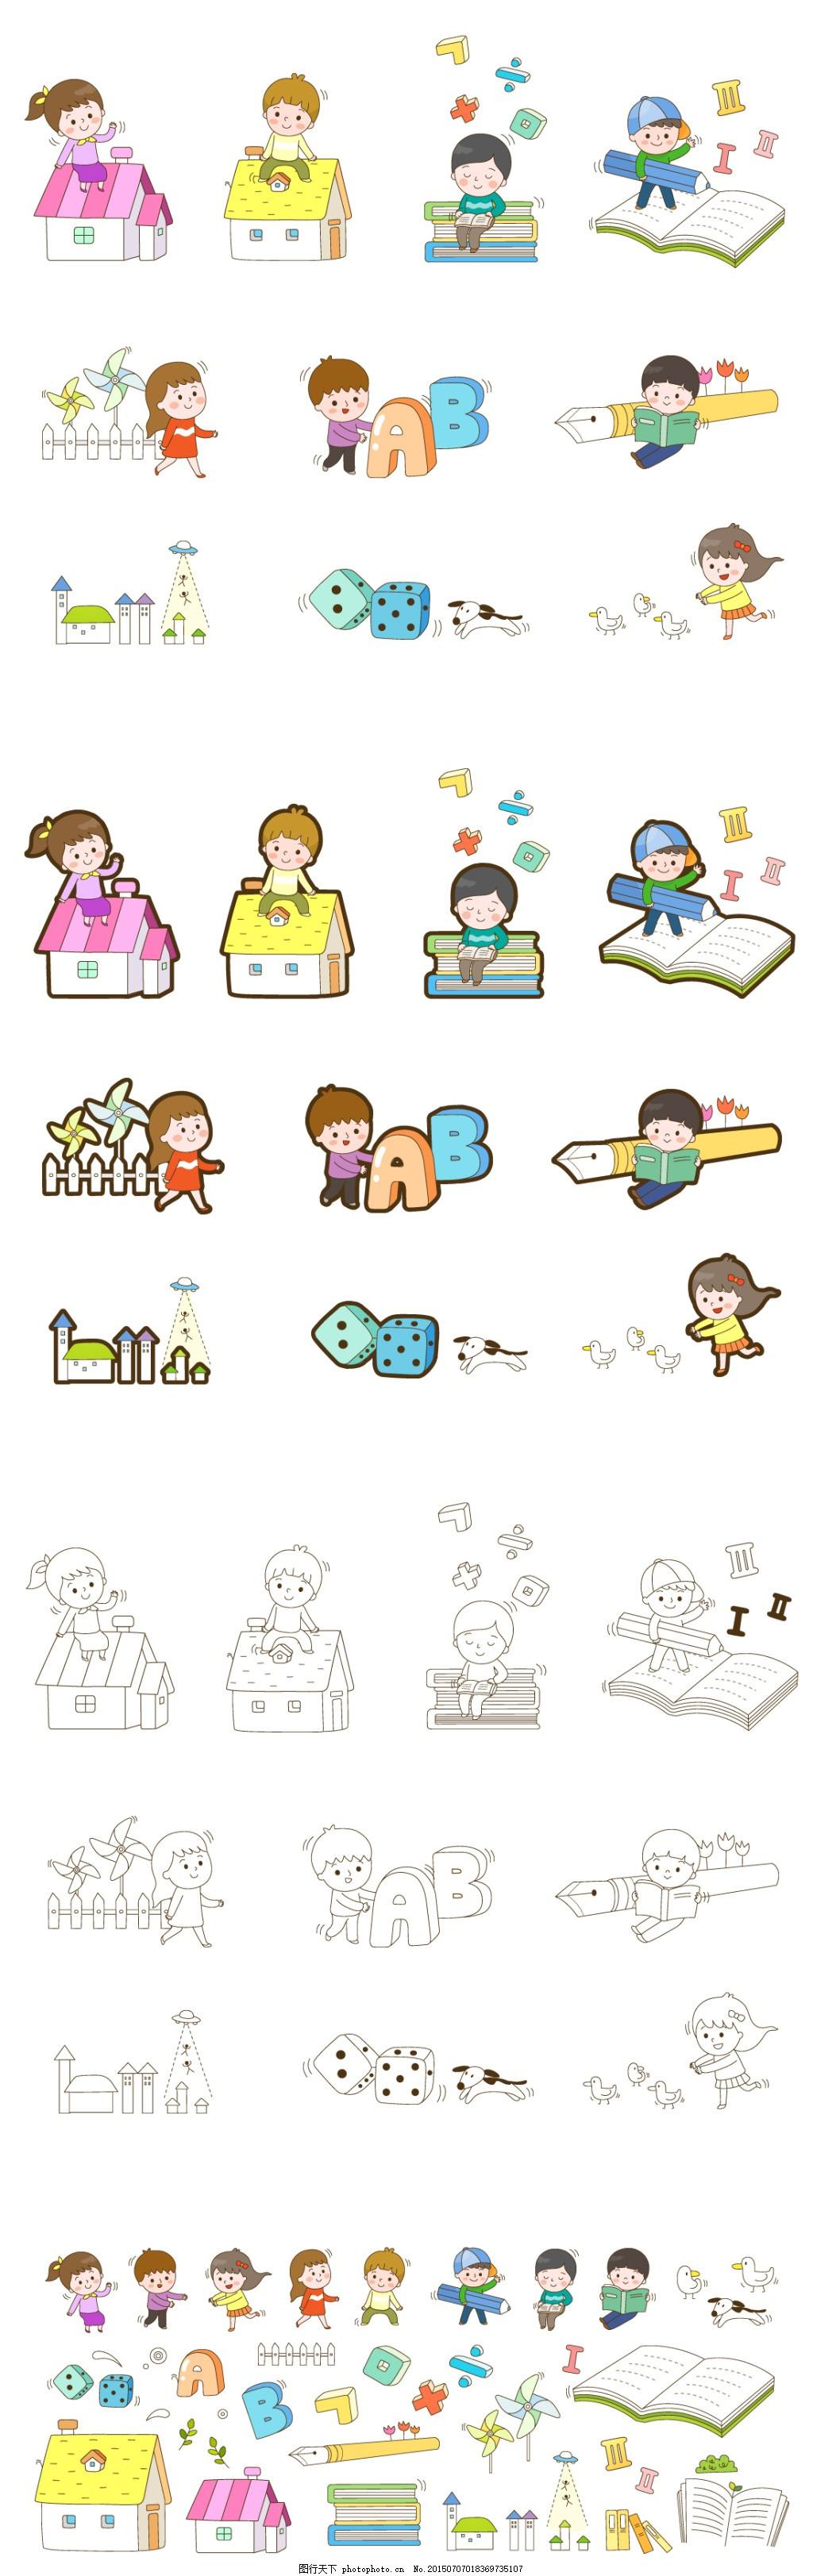 韩国卡通小孩